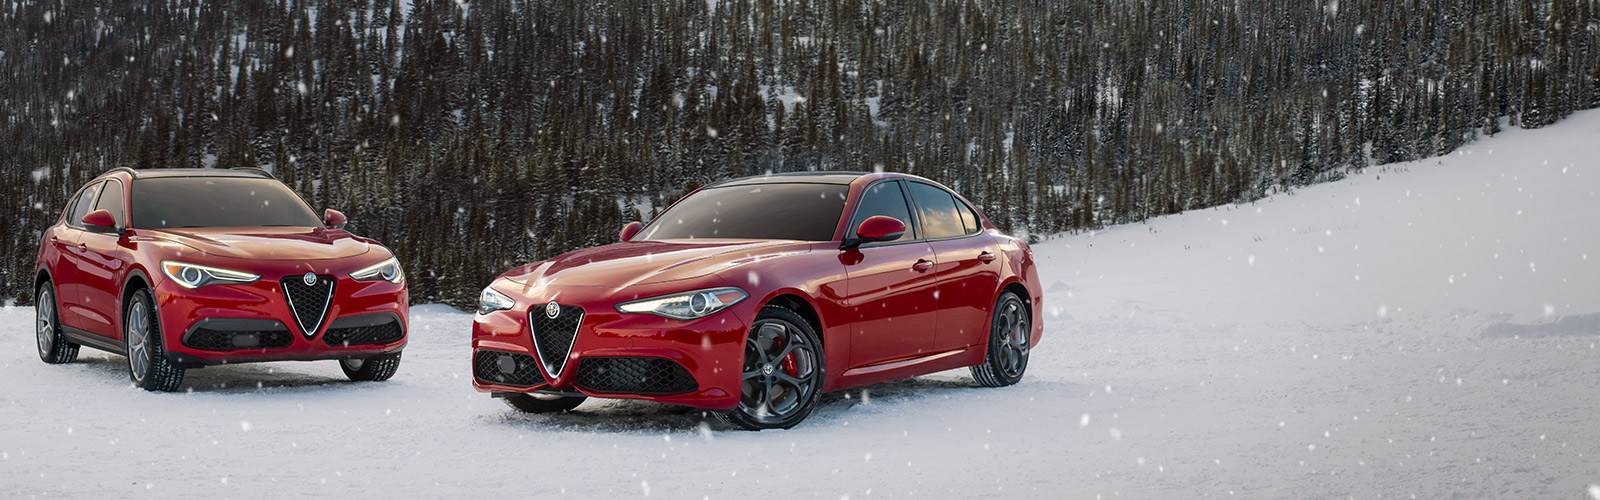 Sitio Oficial De Alfa Romeo Usa Autos Deportivos Y Suv